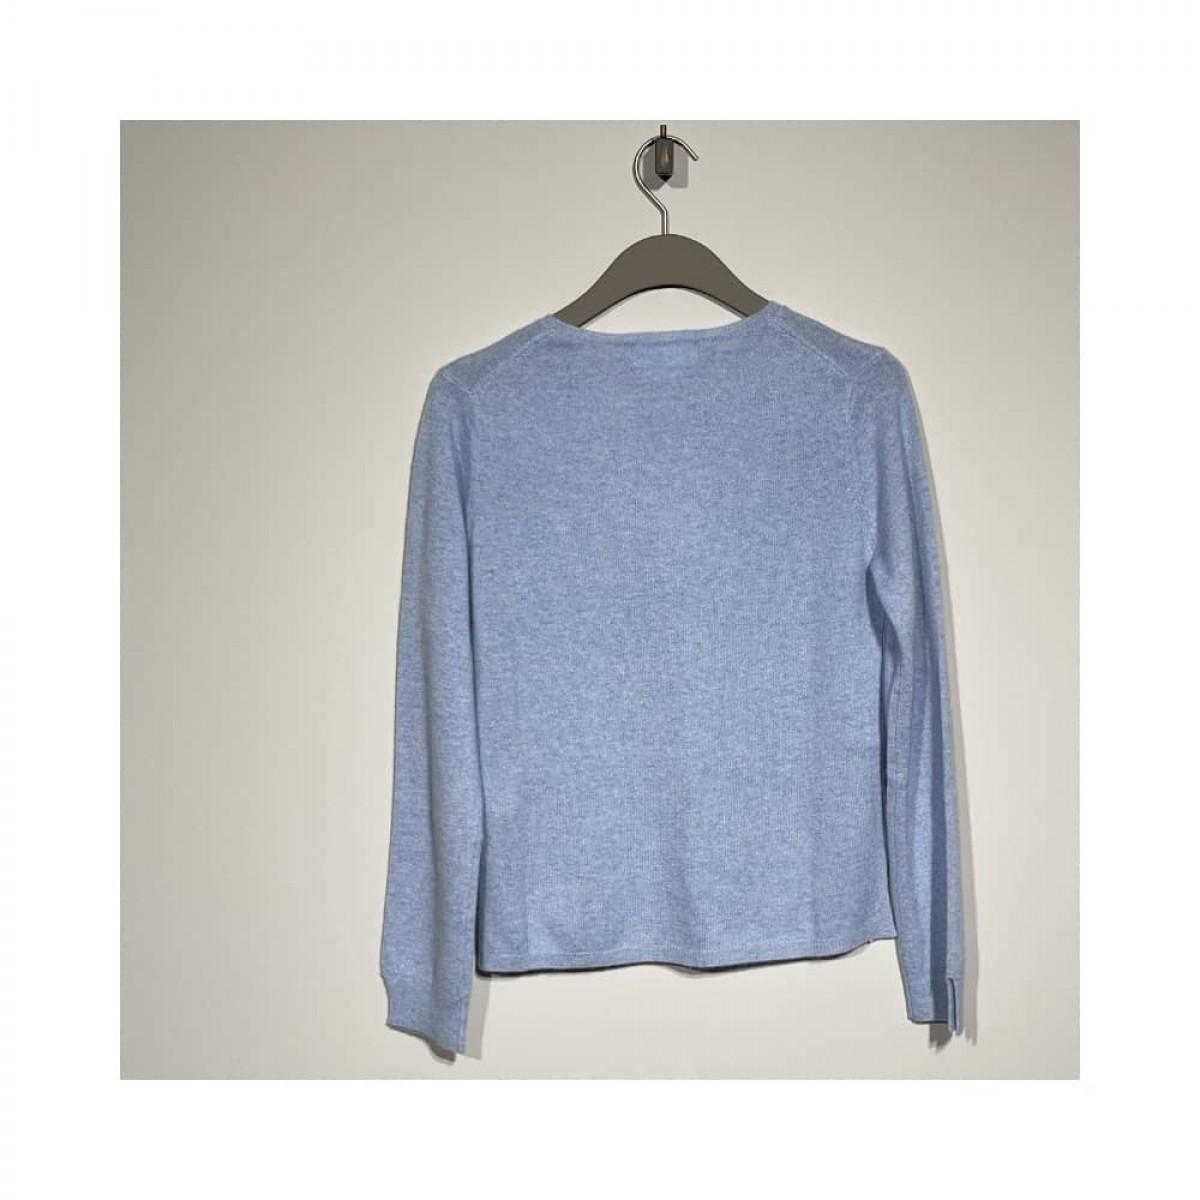 becka strik - light blue melange - bag